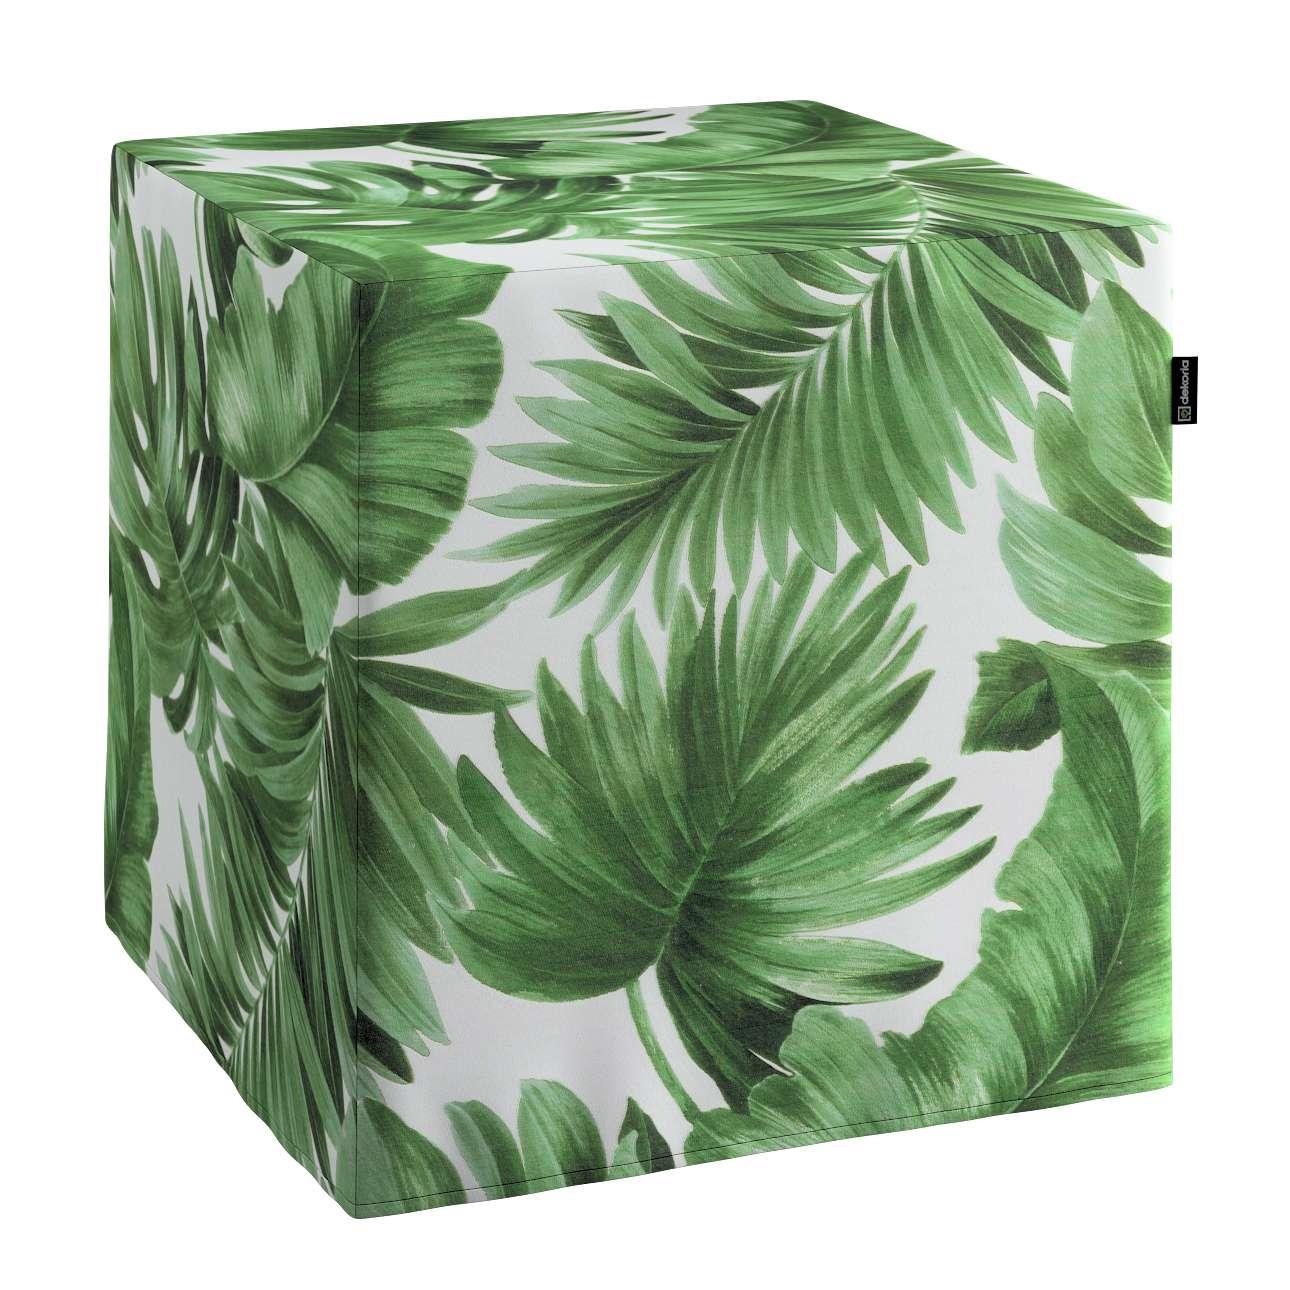 Pokrowiec na pufę kostke w kolekcji Urban Jungle, tkanina: 141-71